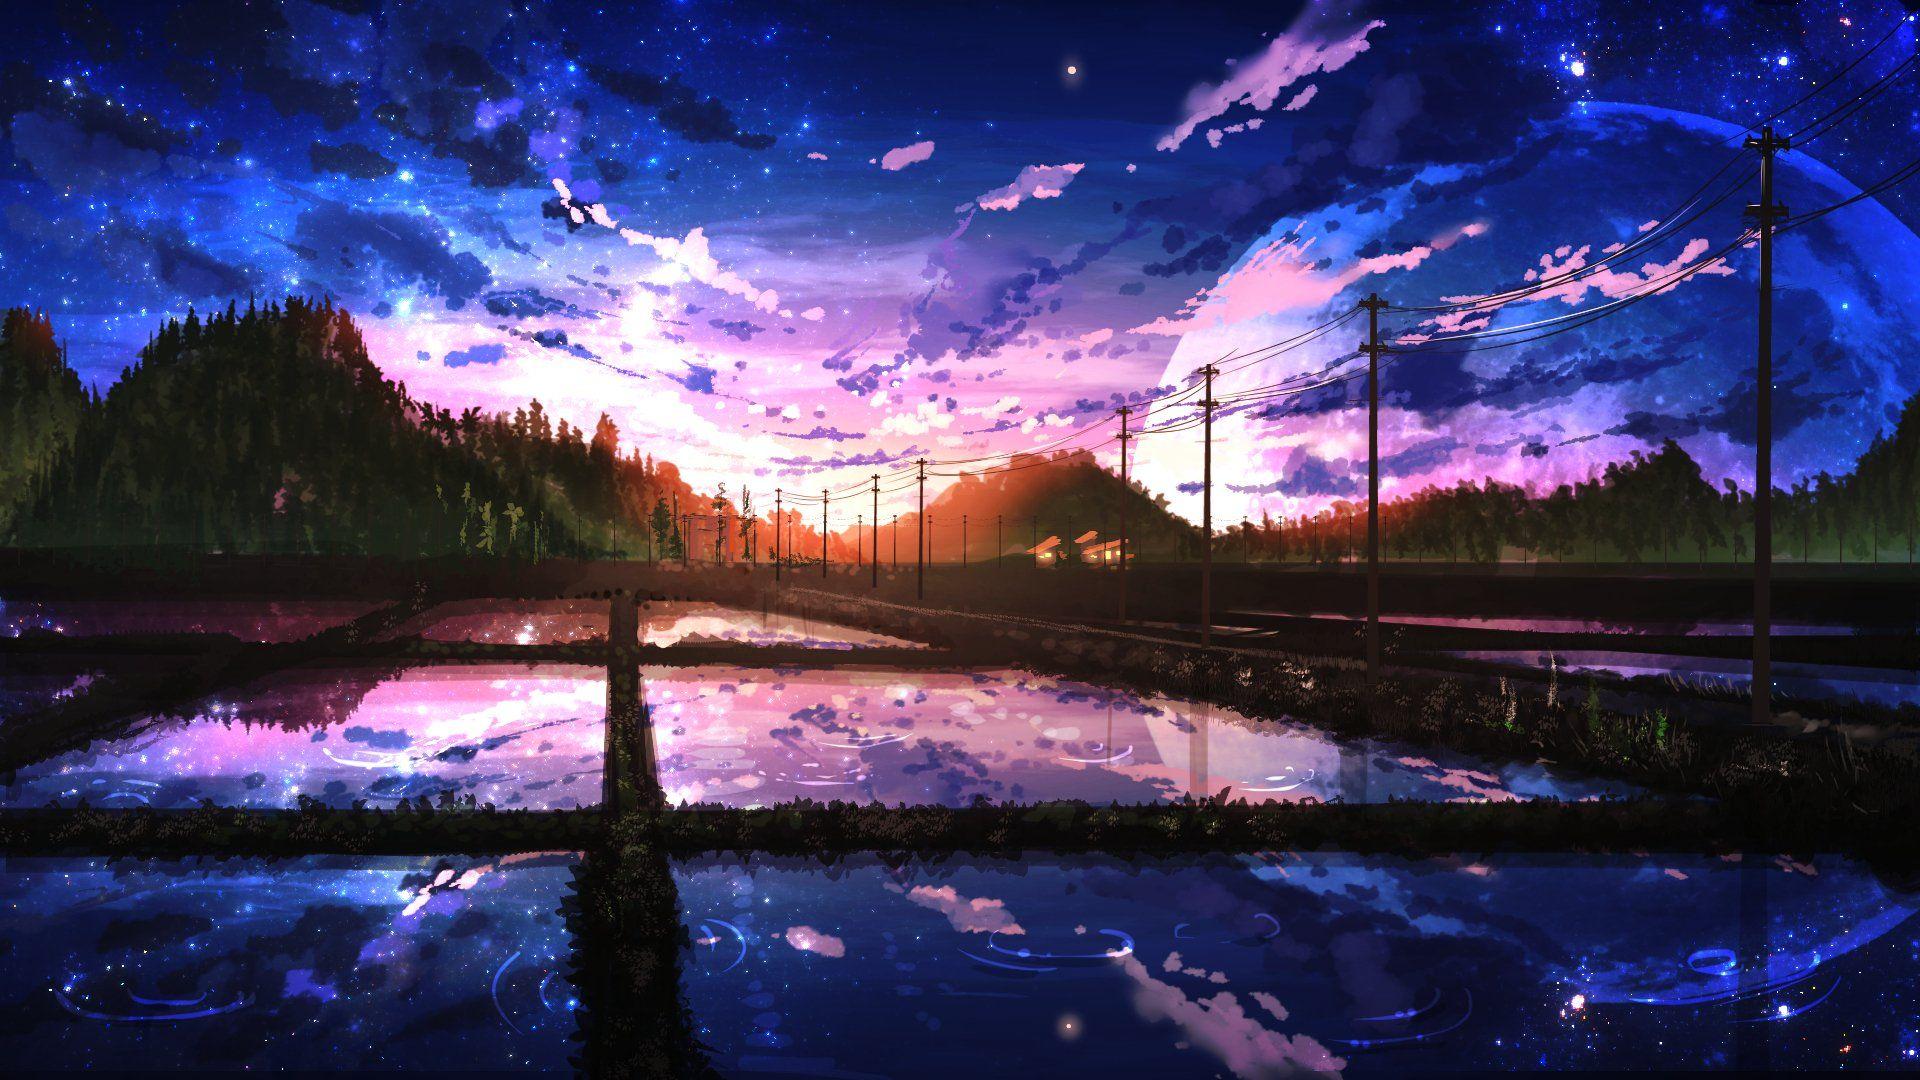 Anime Original Original Anime Wallpaper Anime Scenery Wallpaper Anime Scenery Landscape Wallpaper